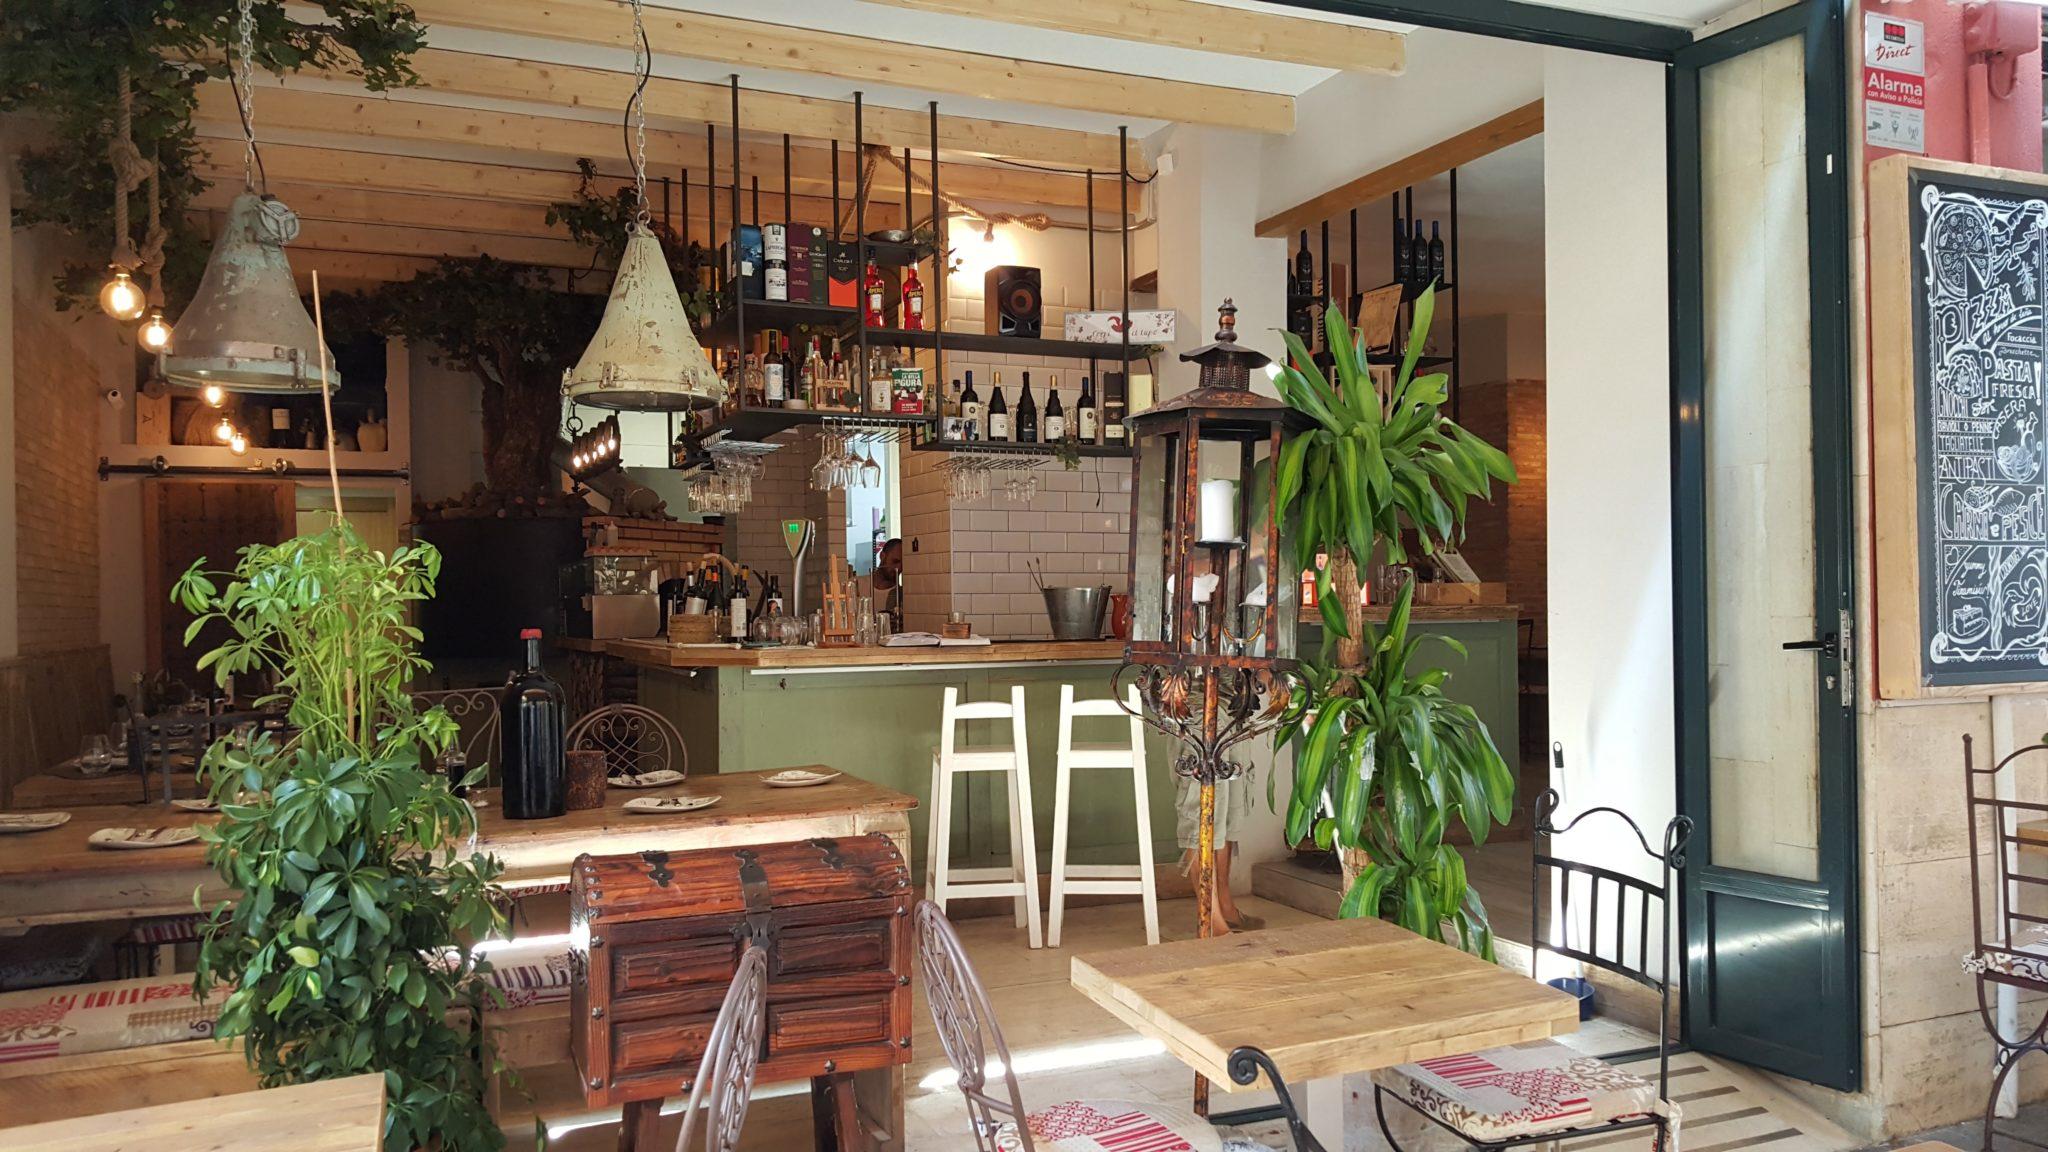 Restaurantes em Alicante - Espanha © Viaje Comigo